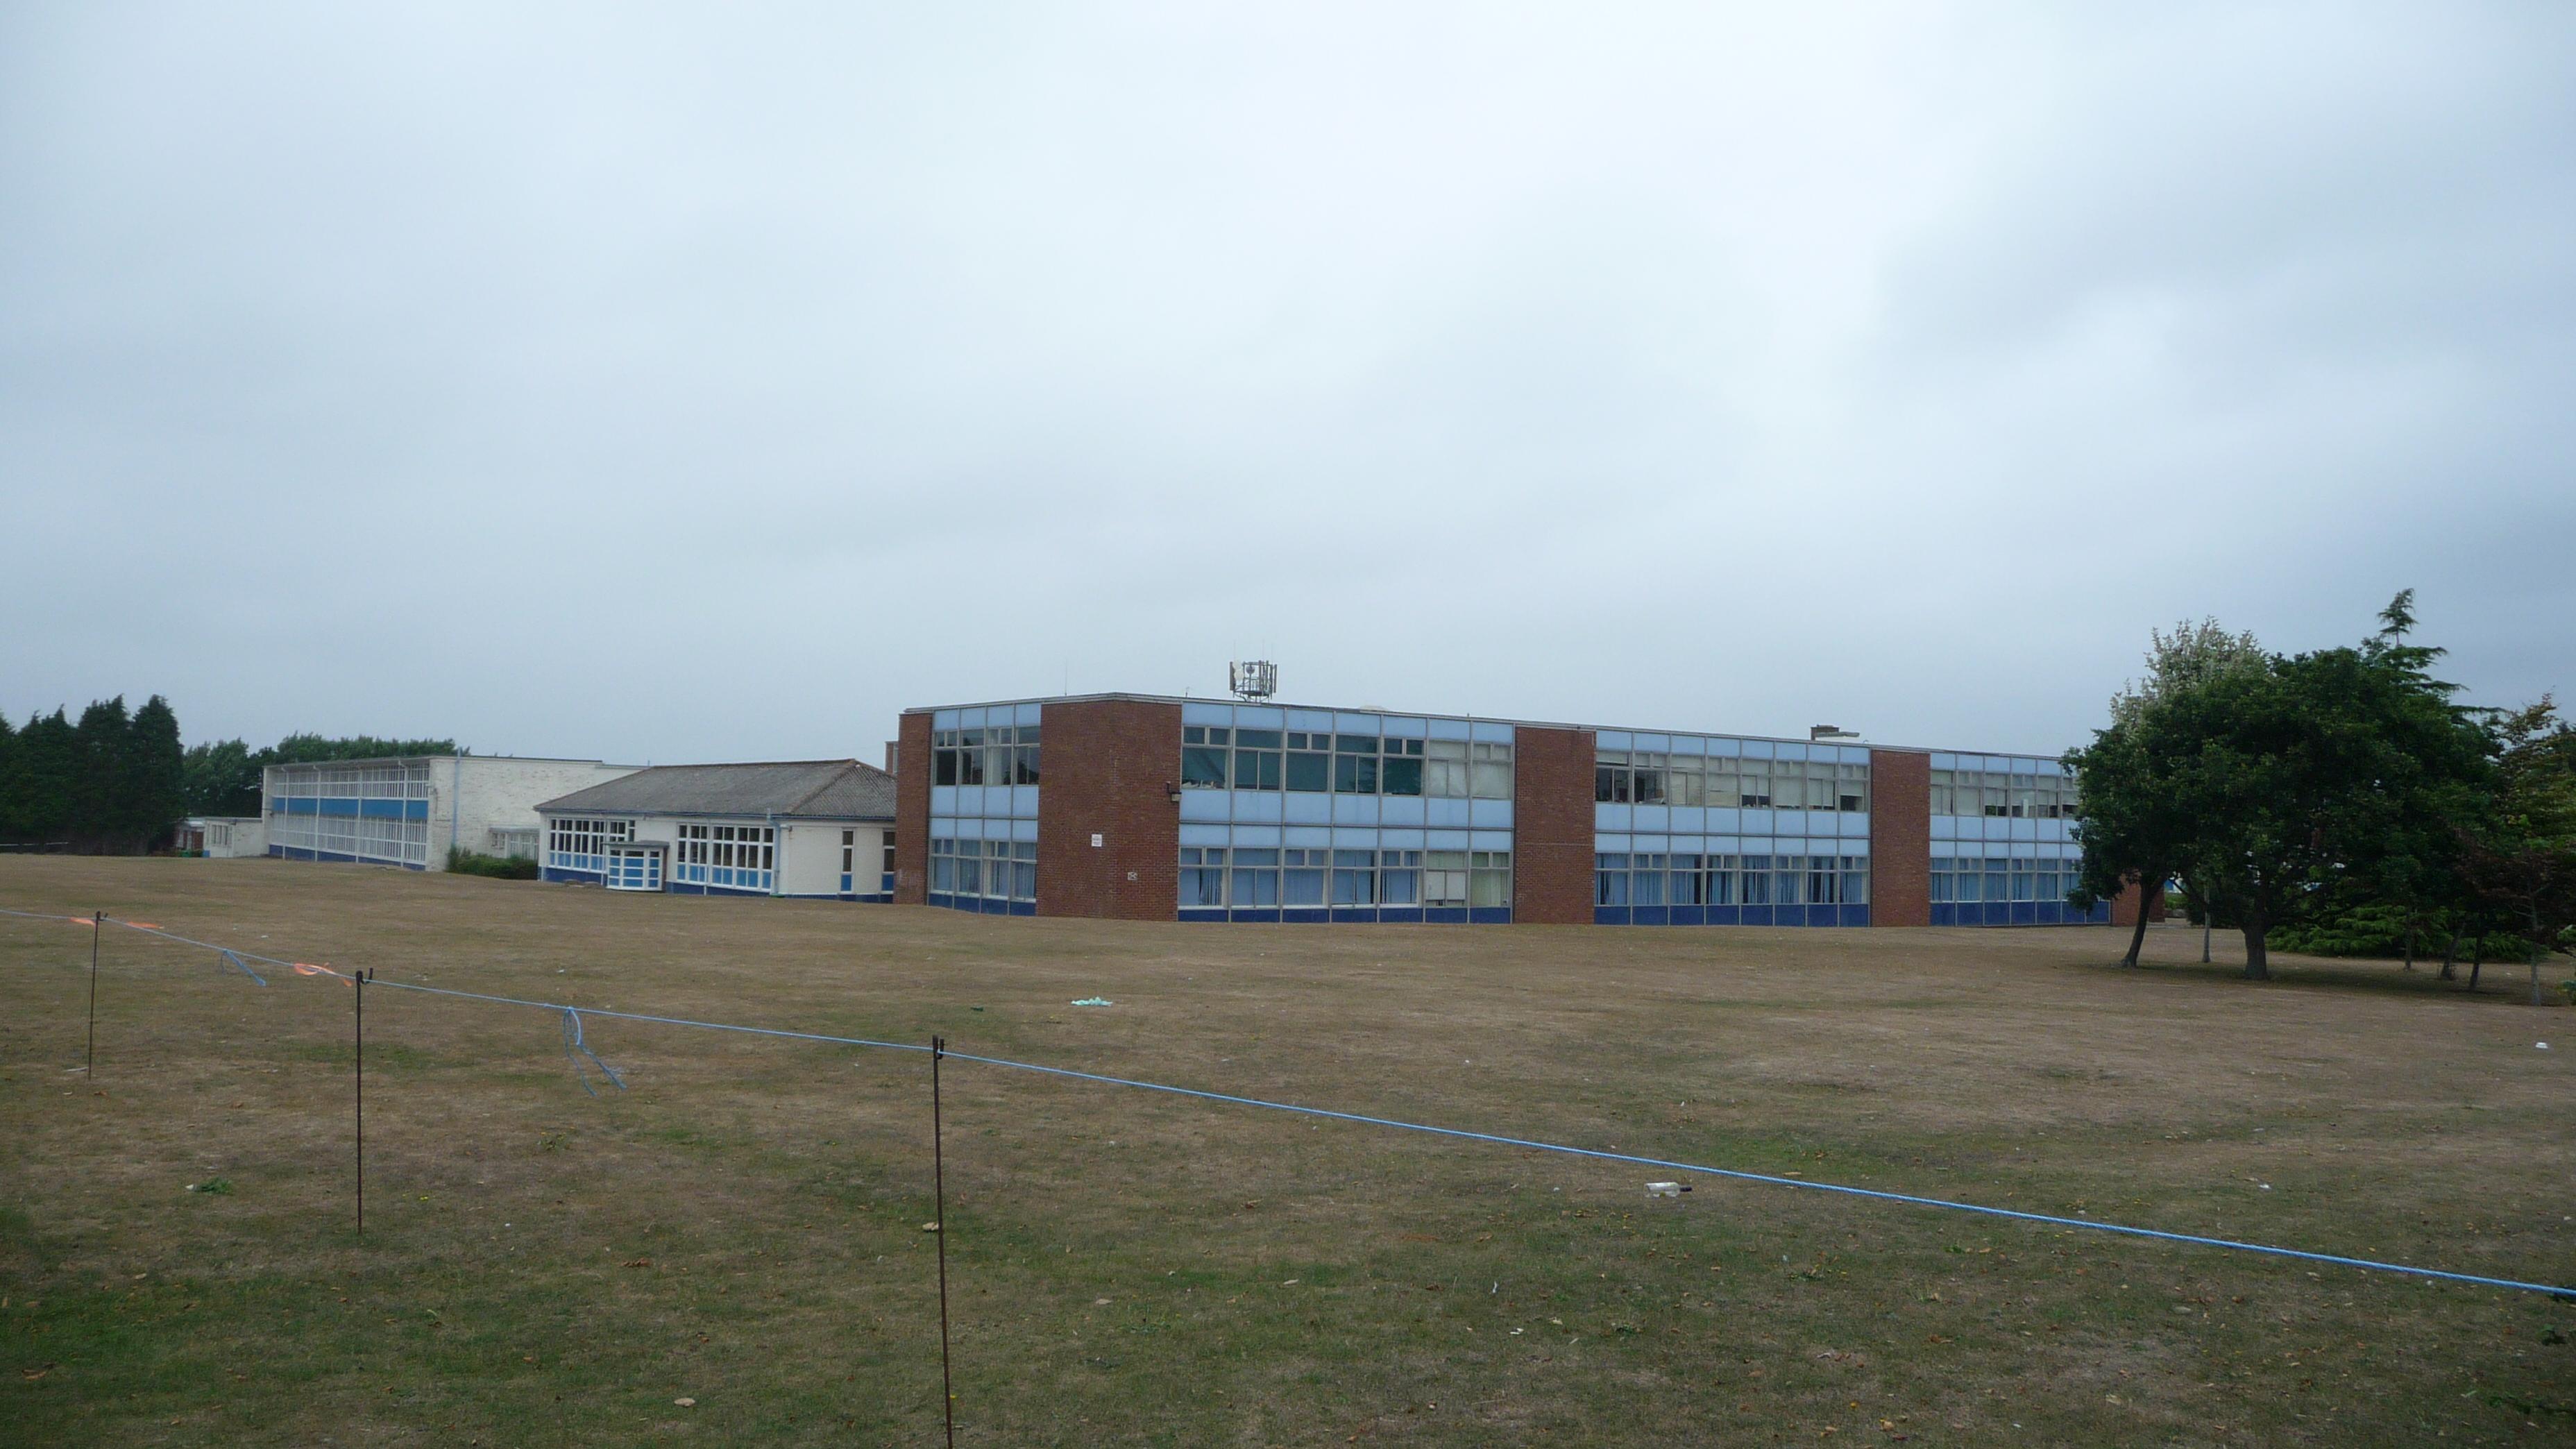 File:cowes High School 4.jpg